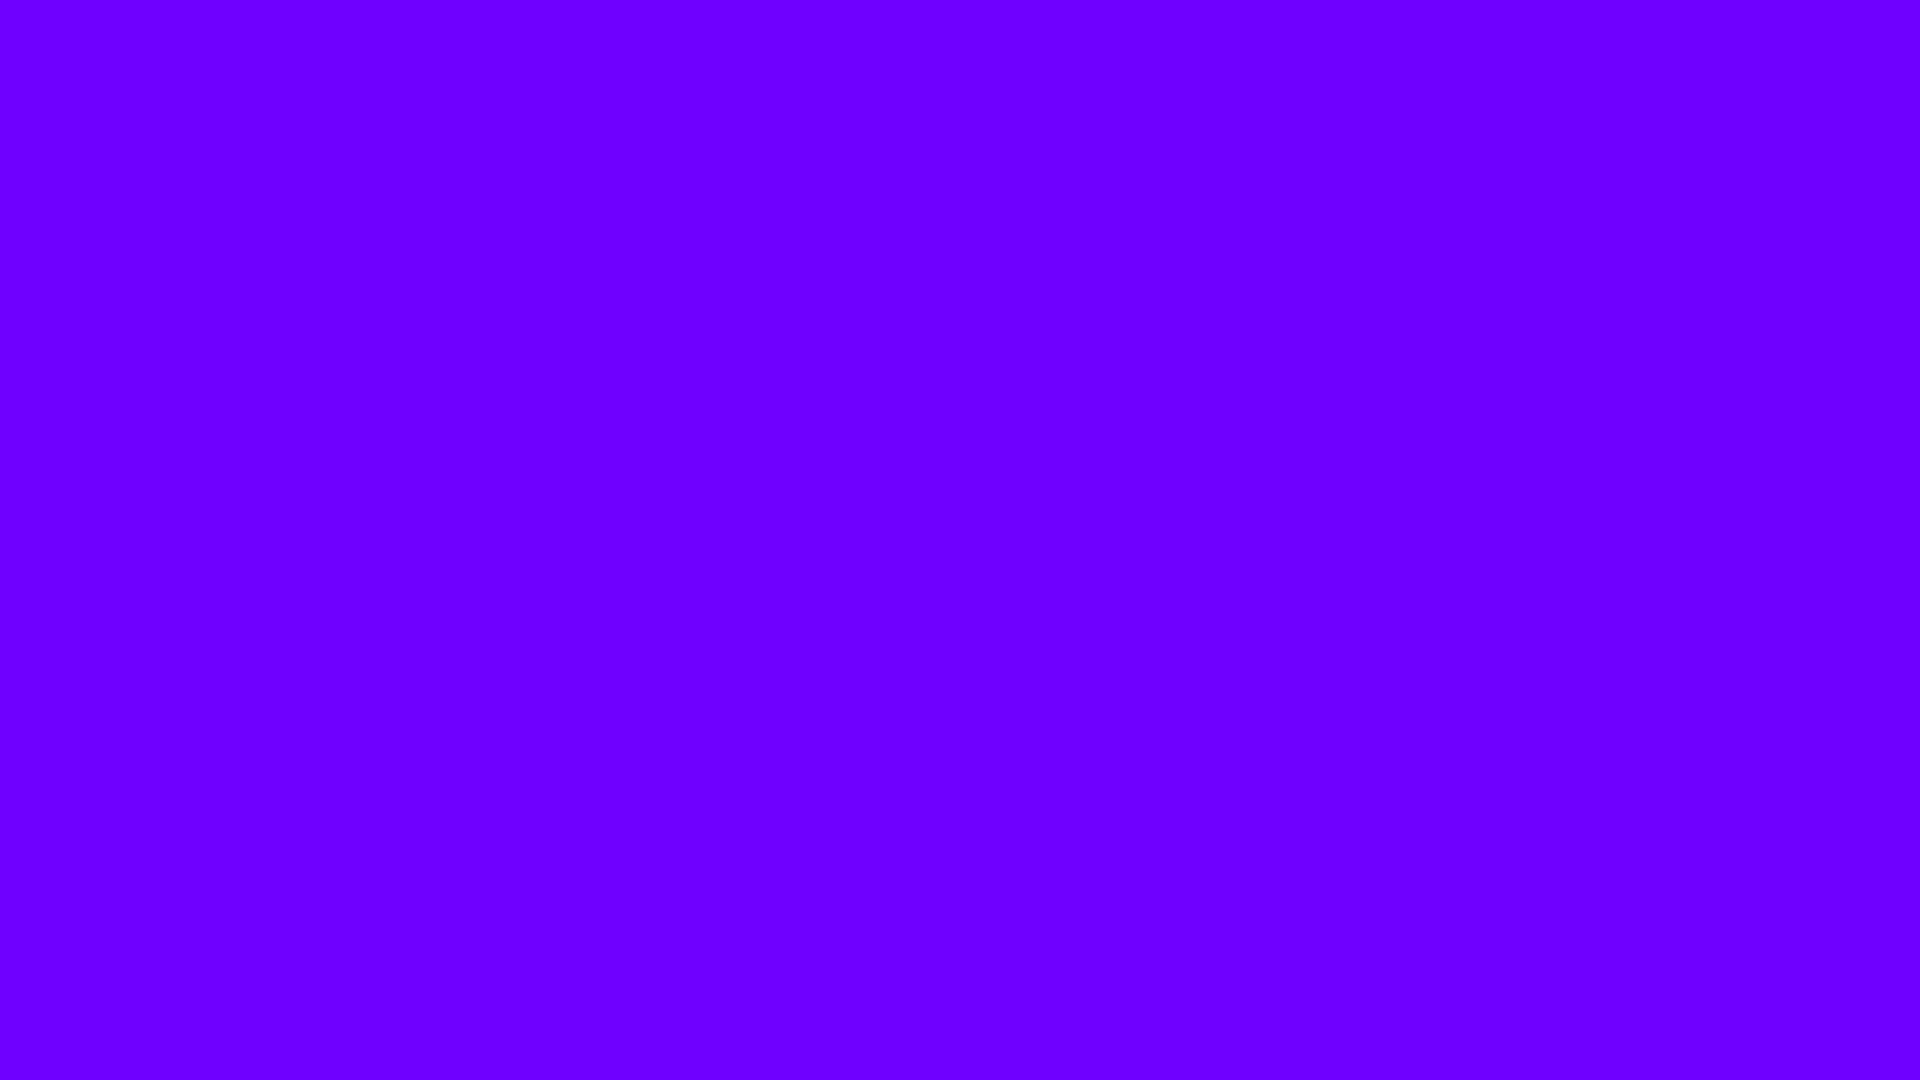 1920x1080 Indigo Solid Color Background